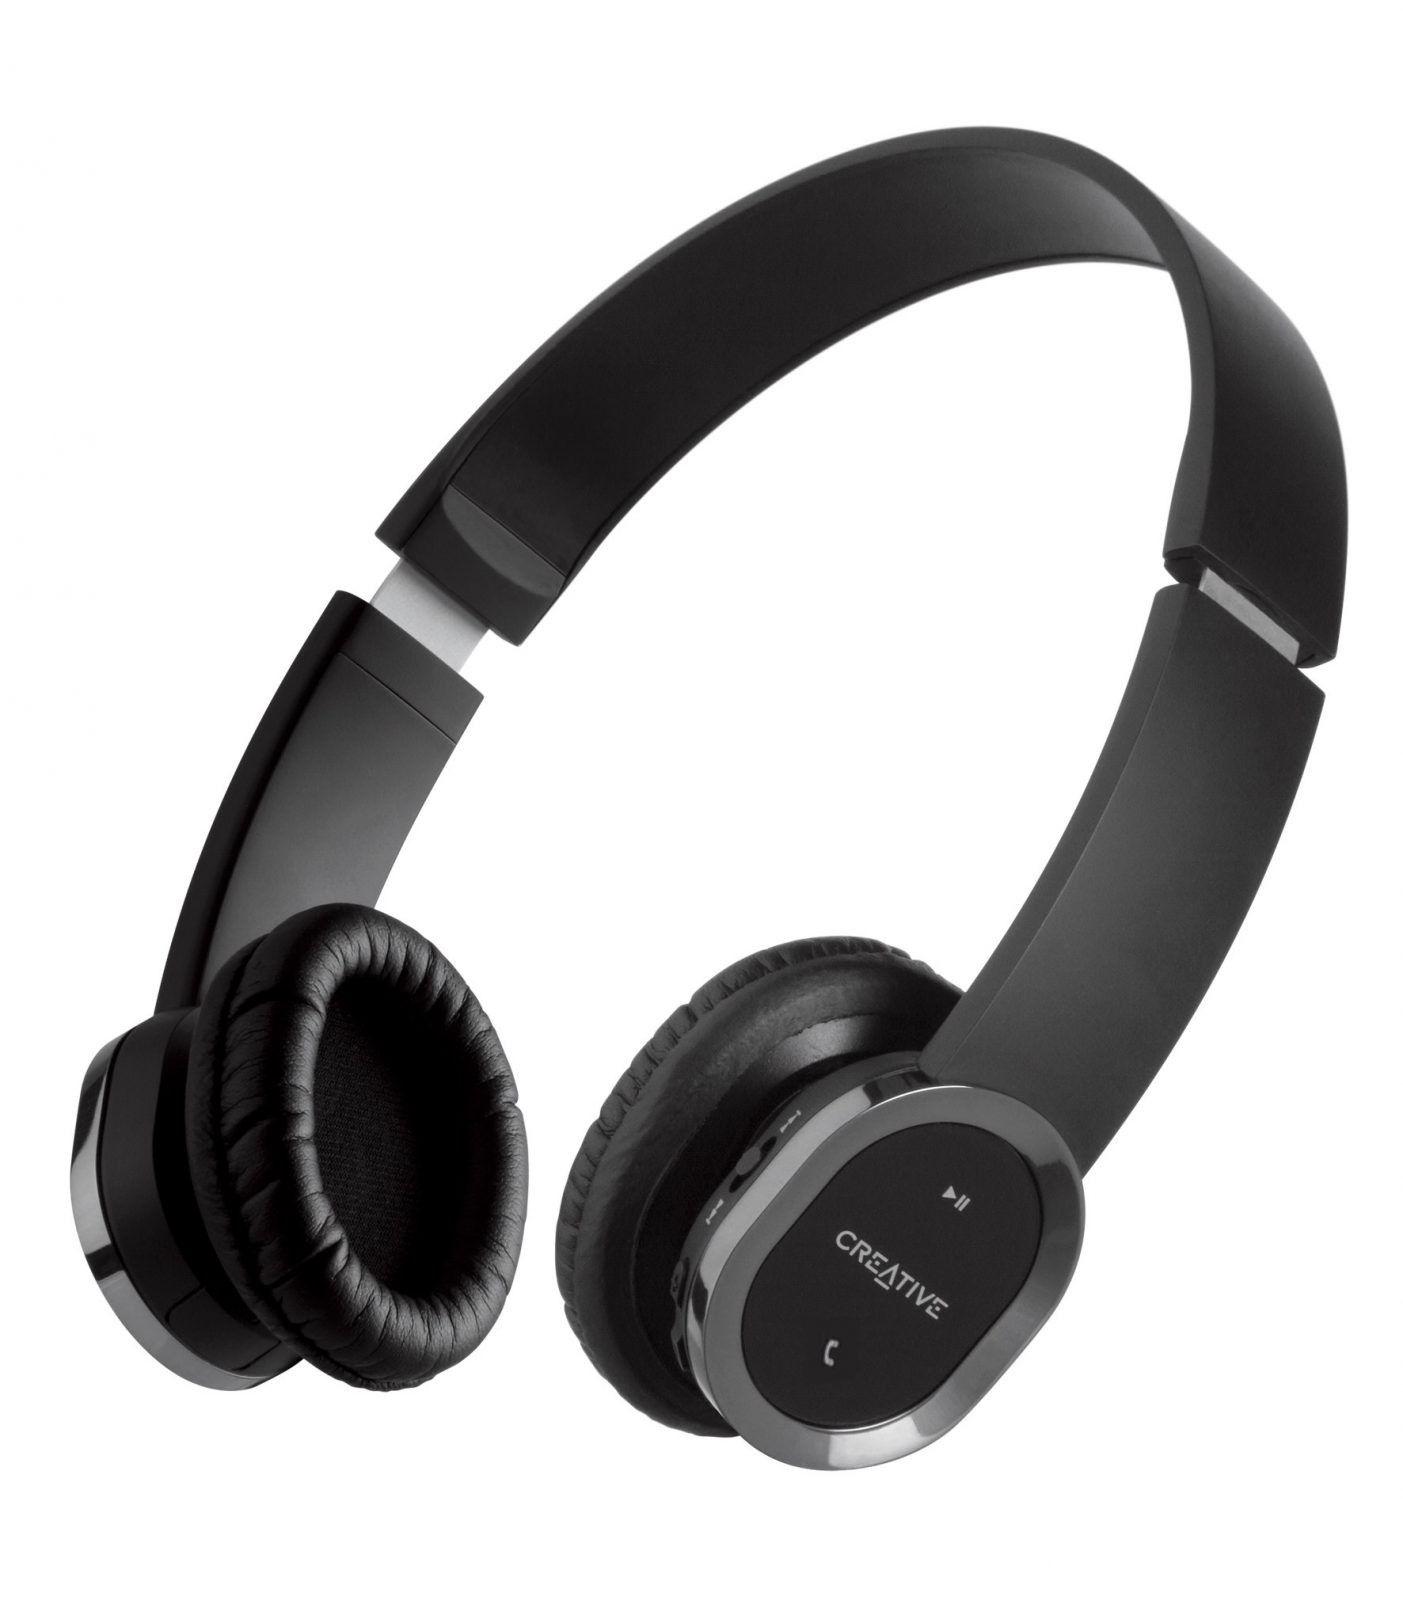 Recenzja: Creative WP-450 – niezłe słuchawki o miękkim brzmieniu